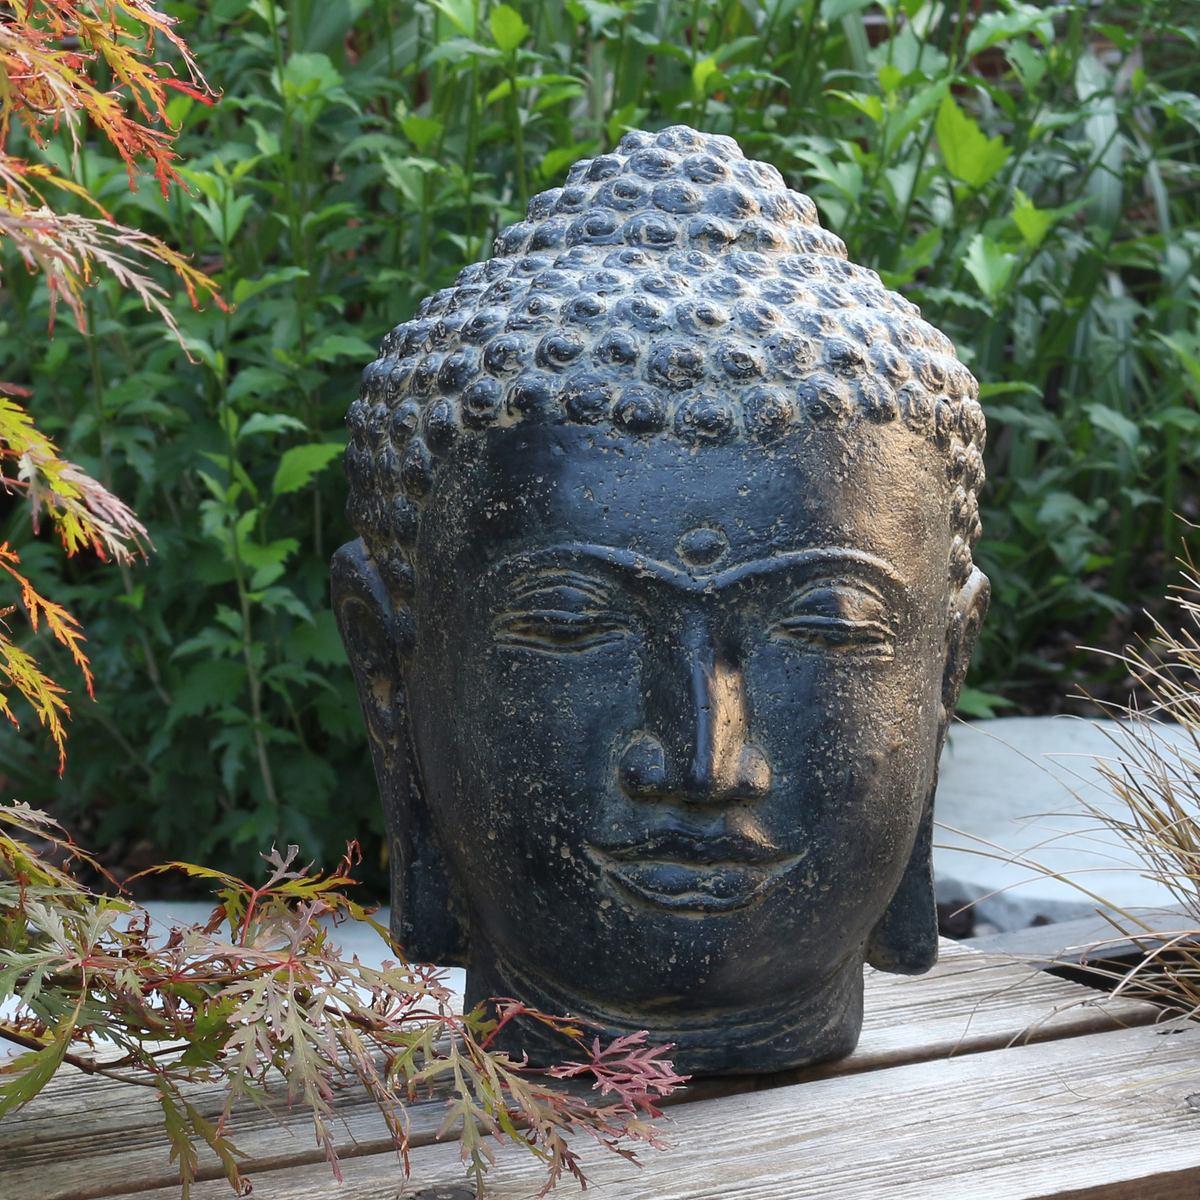 Buddha Kopf Deko.Buddha Kopf Head Steinfigur Skulptur Stein Lavasand Bali Garten Deko 33cm Oriental Galerie